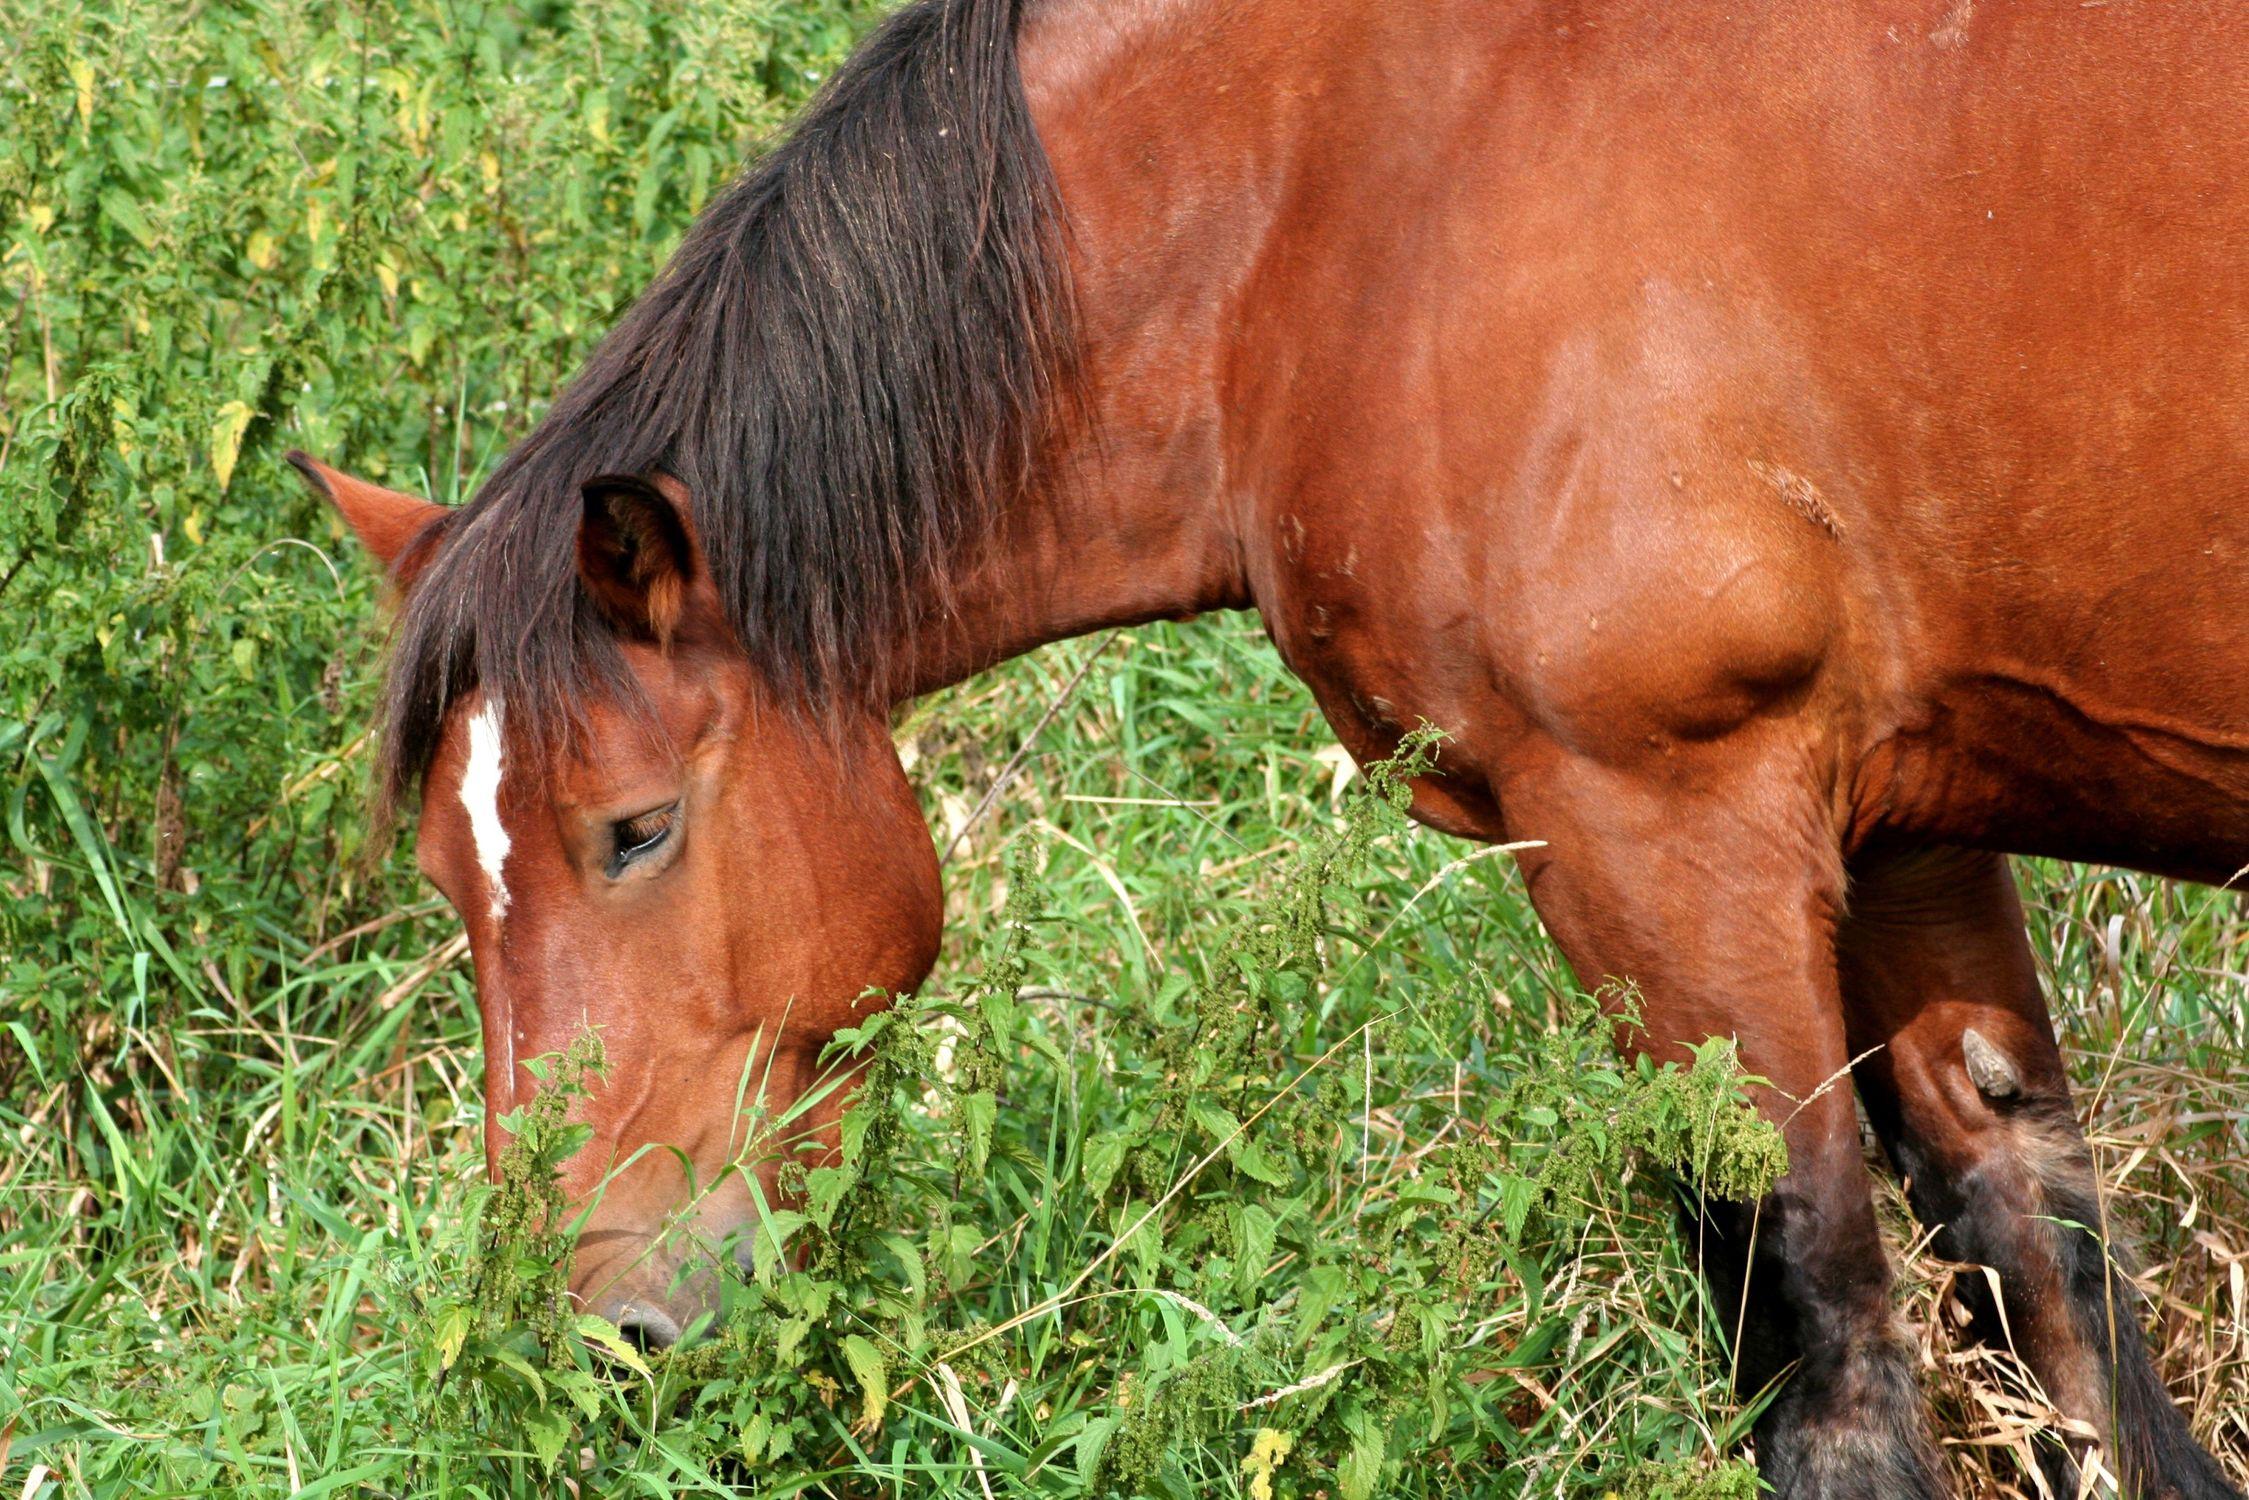 Bild mit Tiere, Tiere, Säugetiere, Natur, Pferde, Tier, Kinderbild, Kinderbilder, Pferd, reiten, Pferdeliebe, pferdebilder, pferdebild